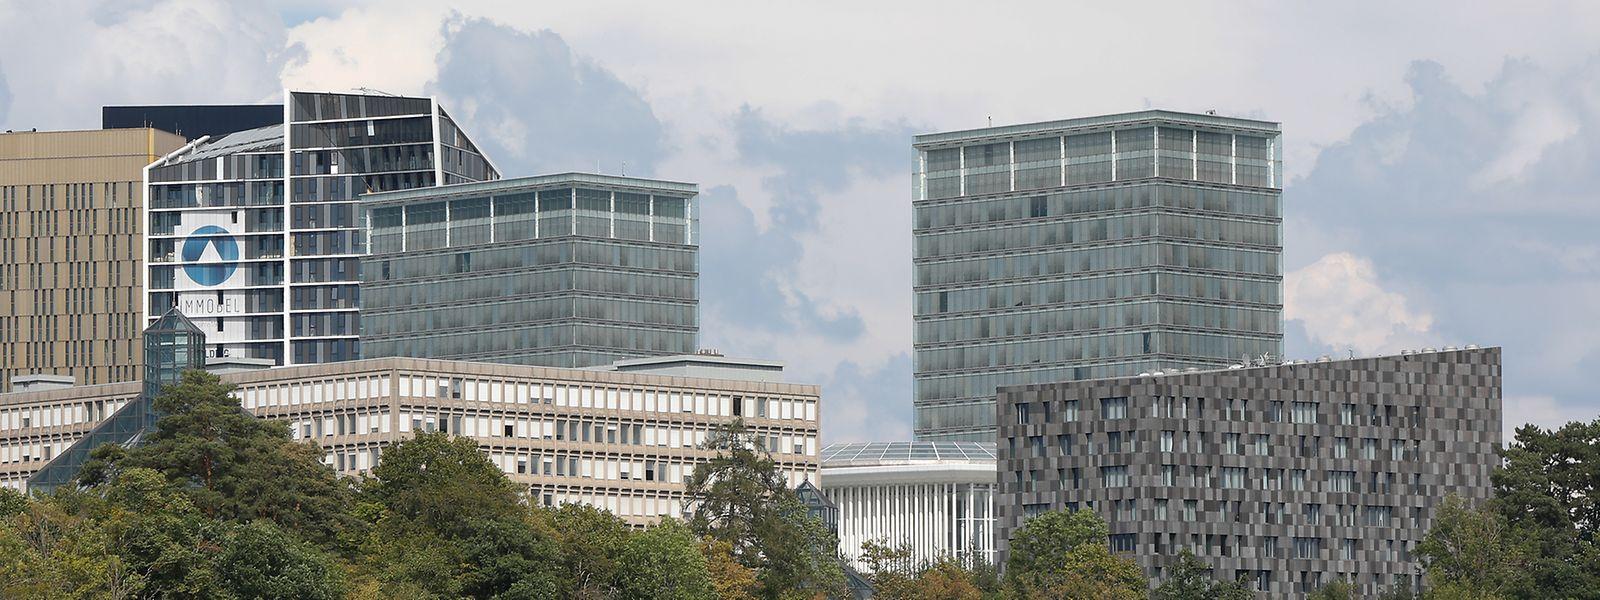 Le Parquet européen s'installera dès 2021 dans les cinq premiers étages de la tour B.